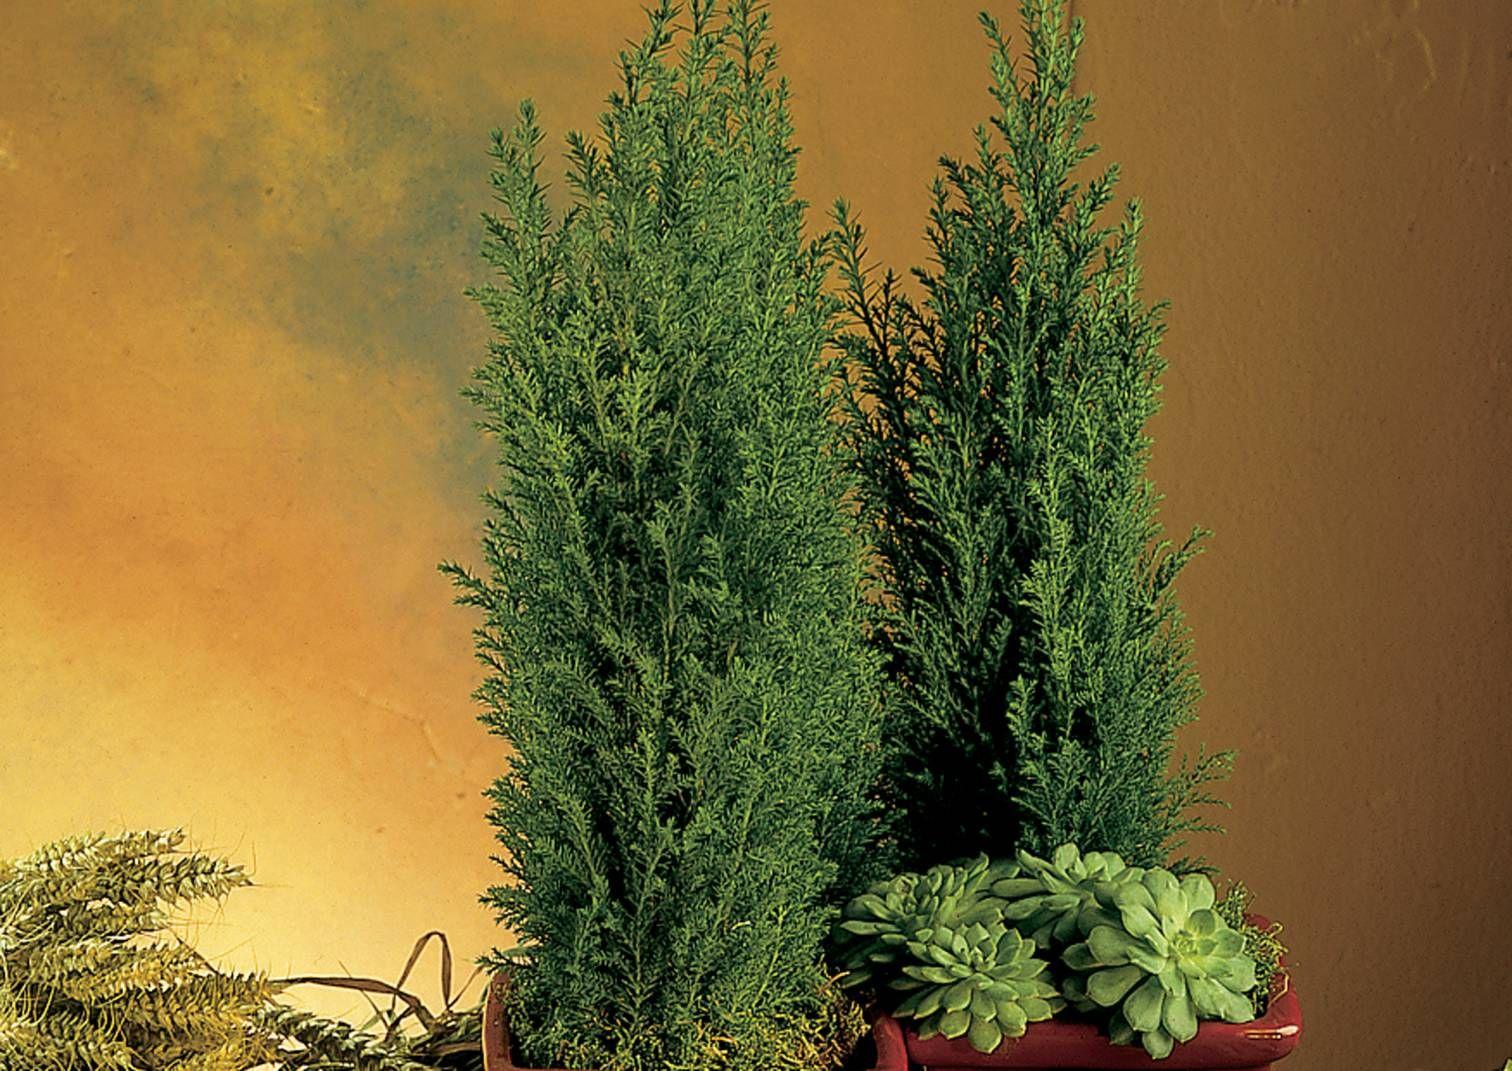 Pieniä ruukkuhavuja myydään yleisimmin marras-joulukuussa talven ja joulun juhla-asetelmiin. Lue hoitovinkit Viherpihasta.